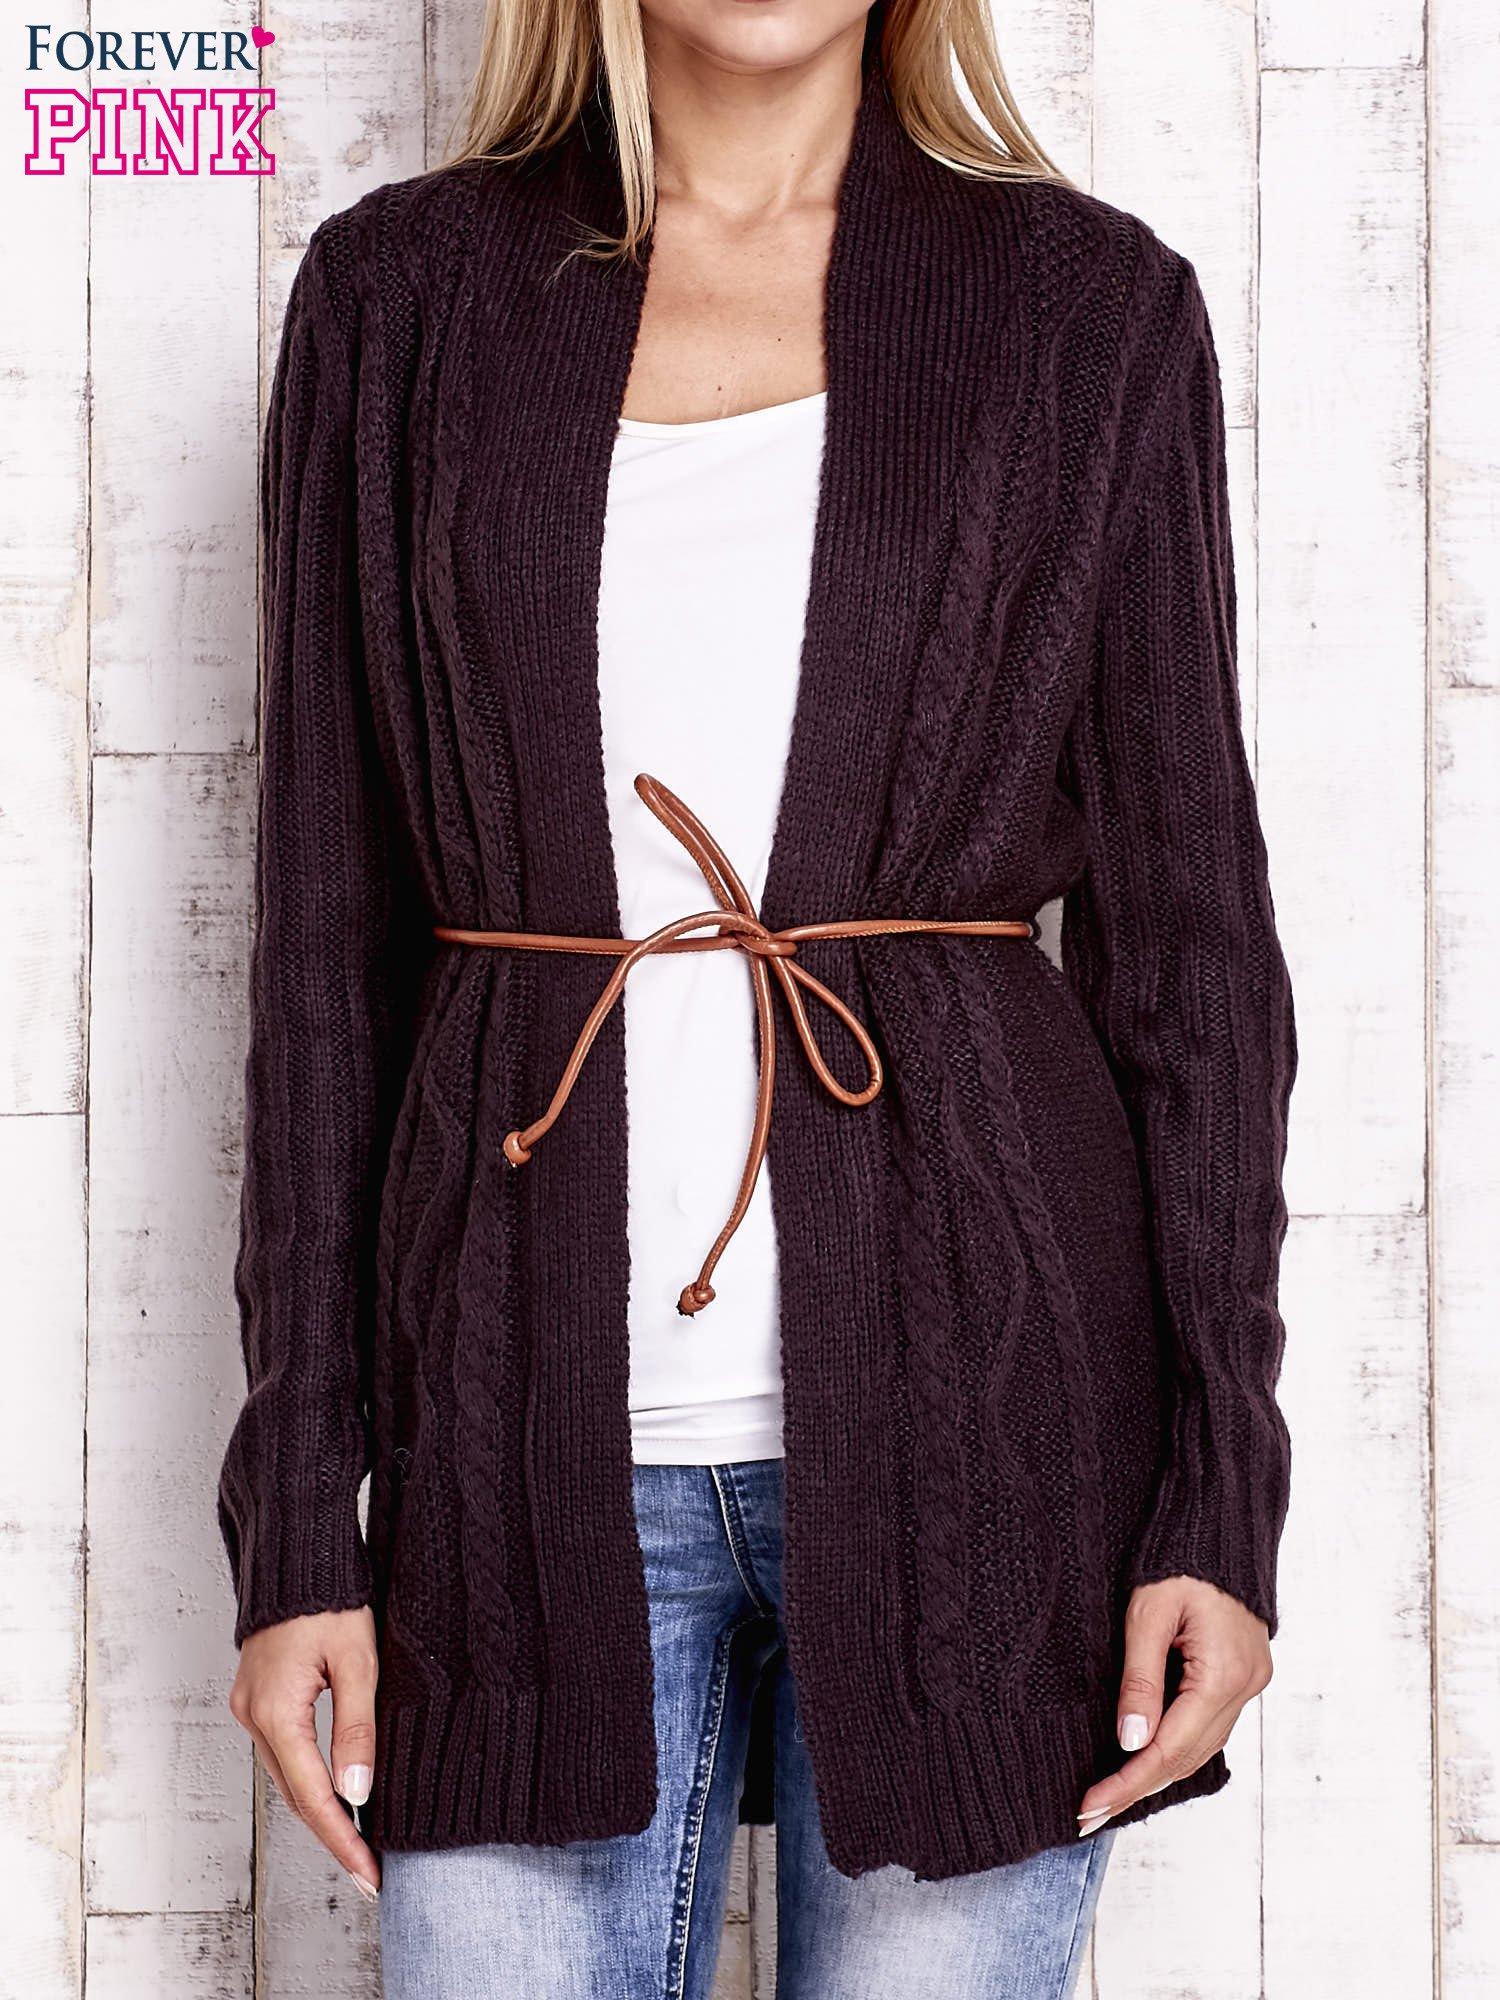 Ciemnofioletowy dzianinowy sweter z wiązaniem                                  zdj.                                  1